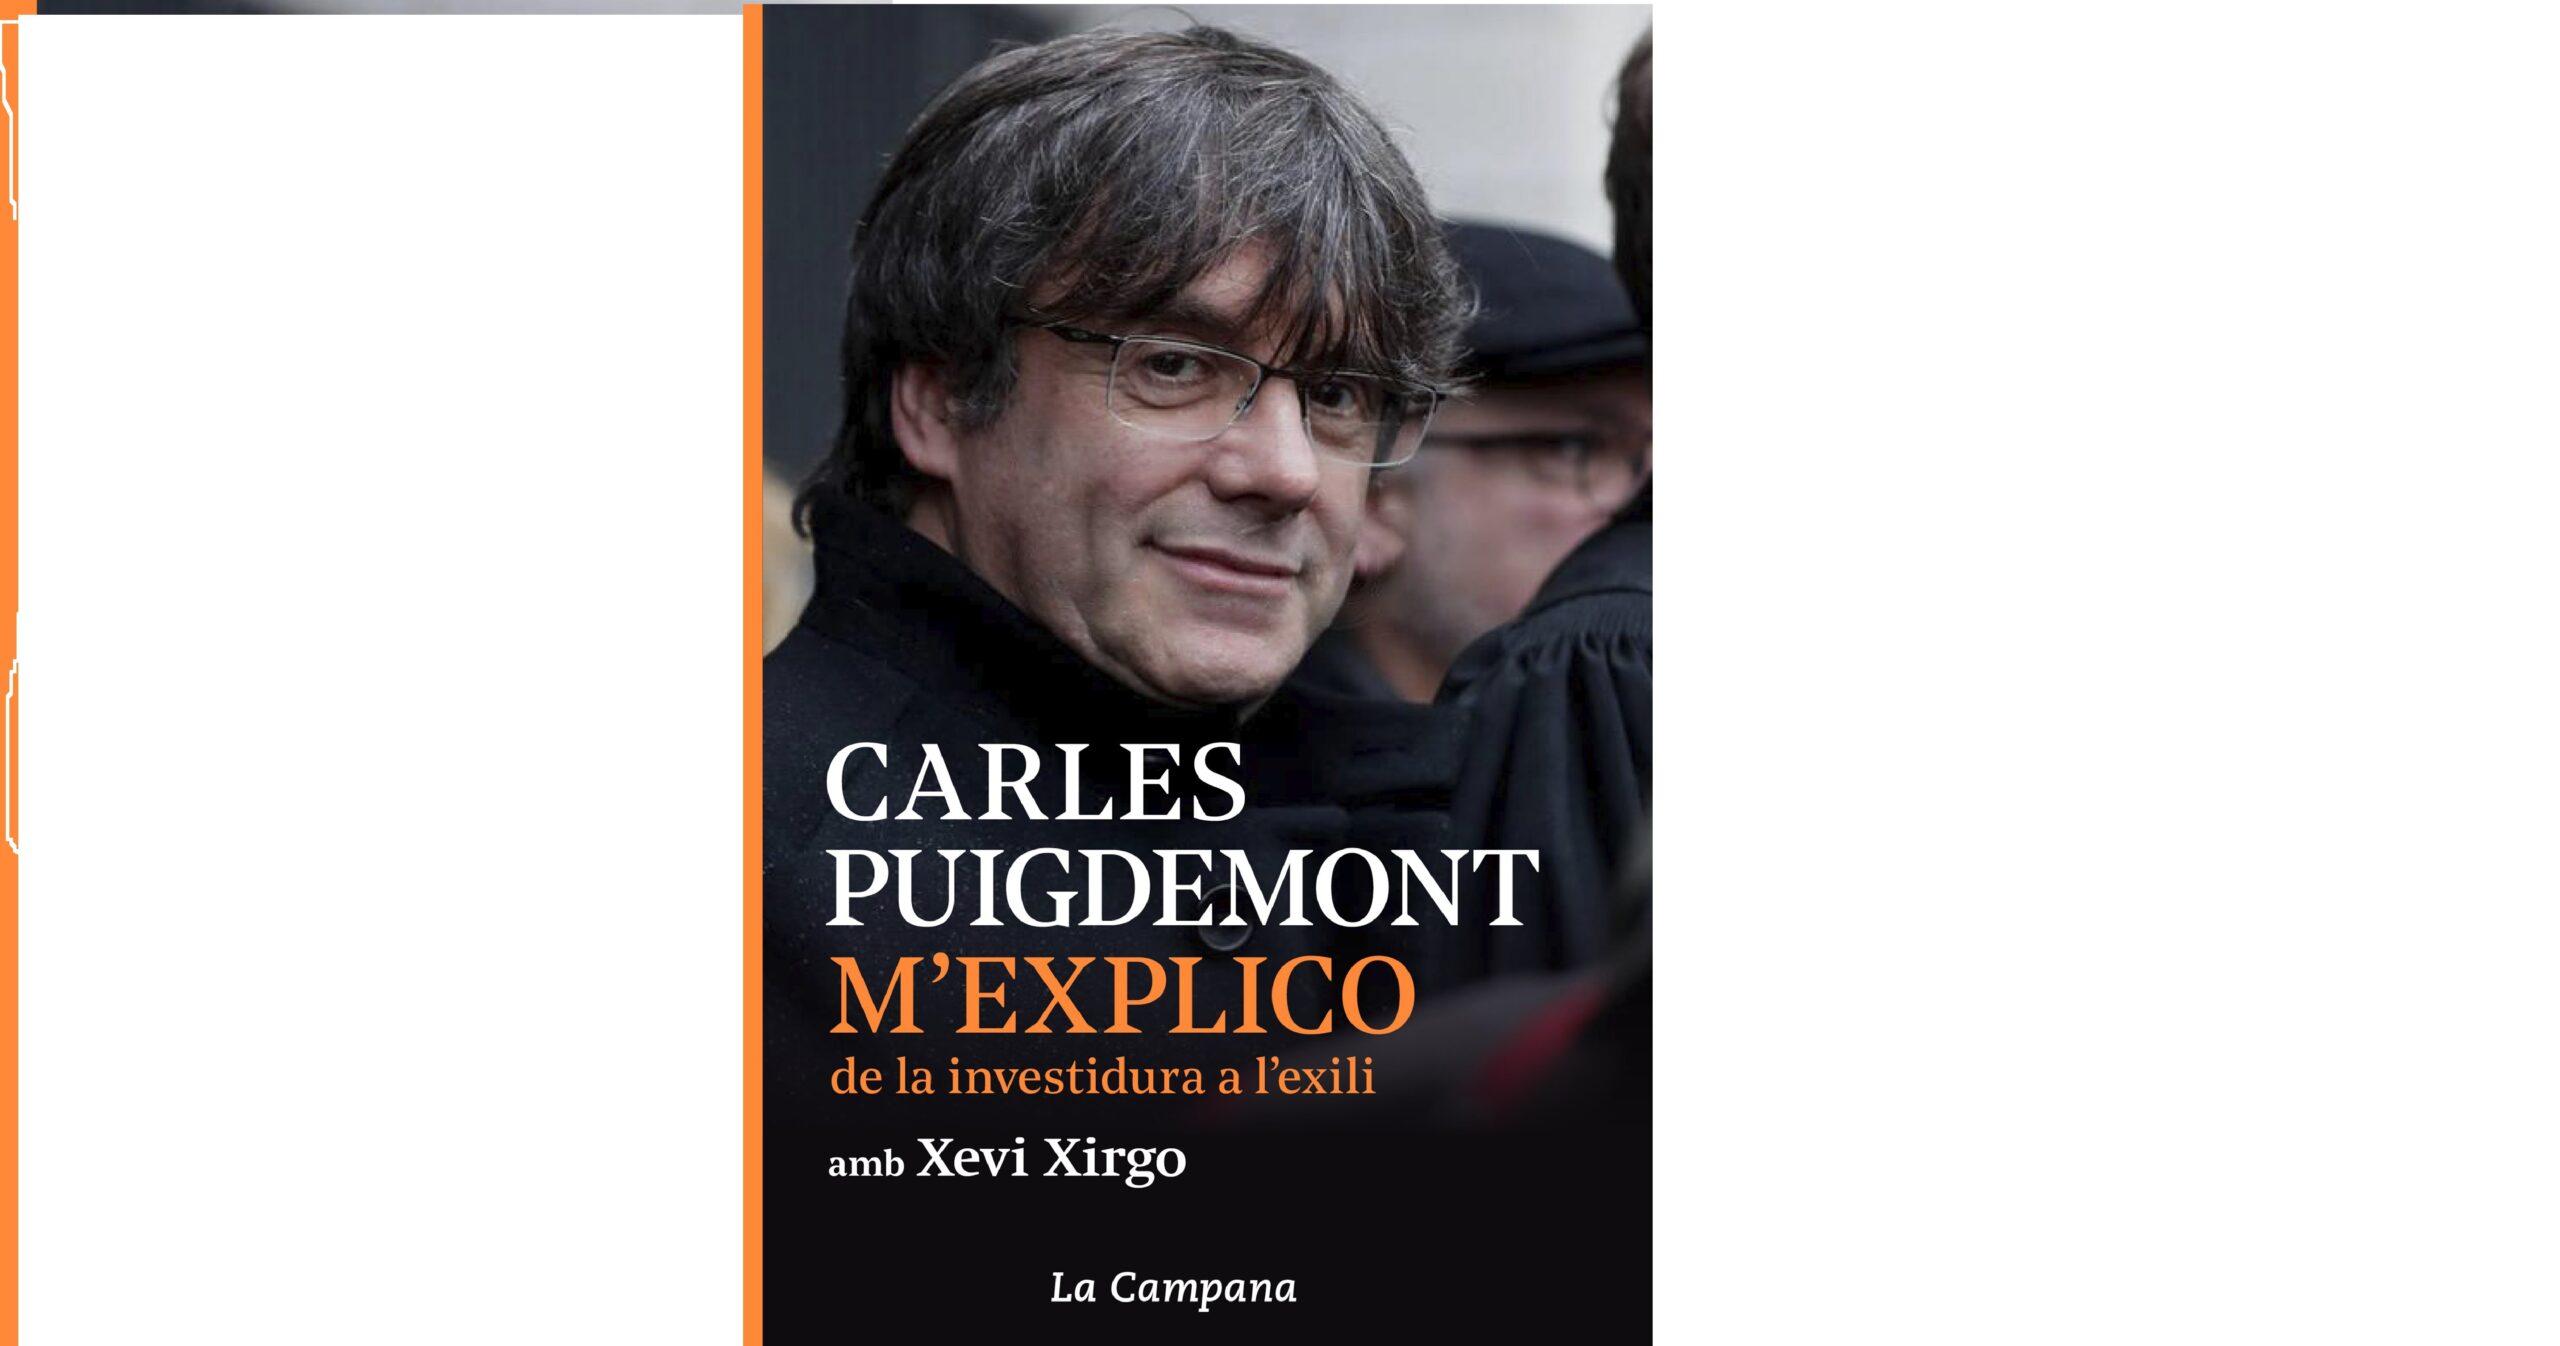 Portada del nou llibre de Carles Puigdemont